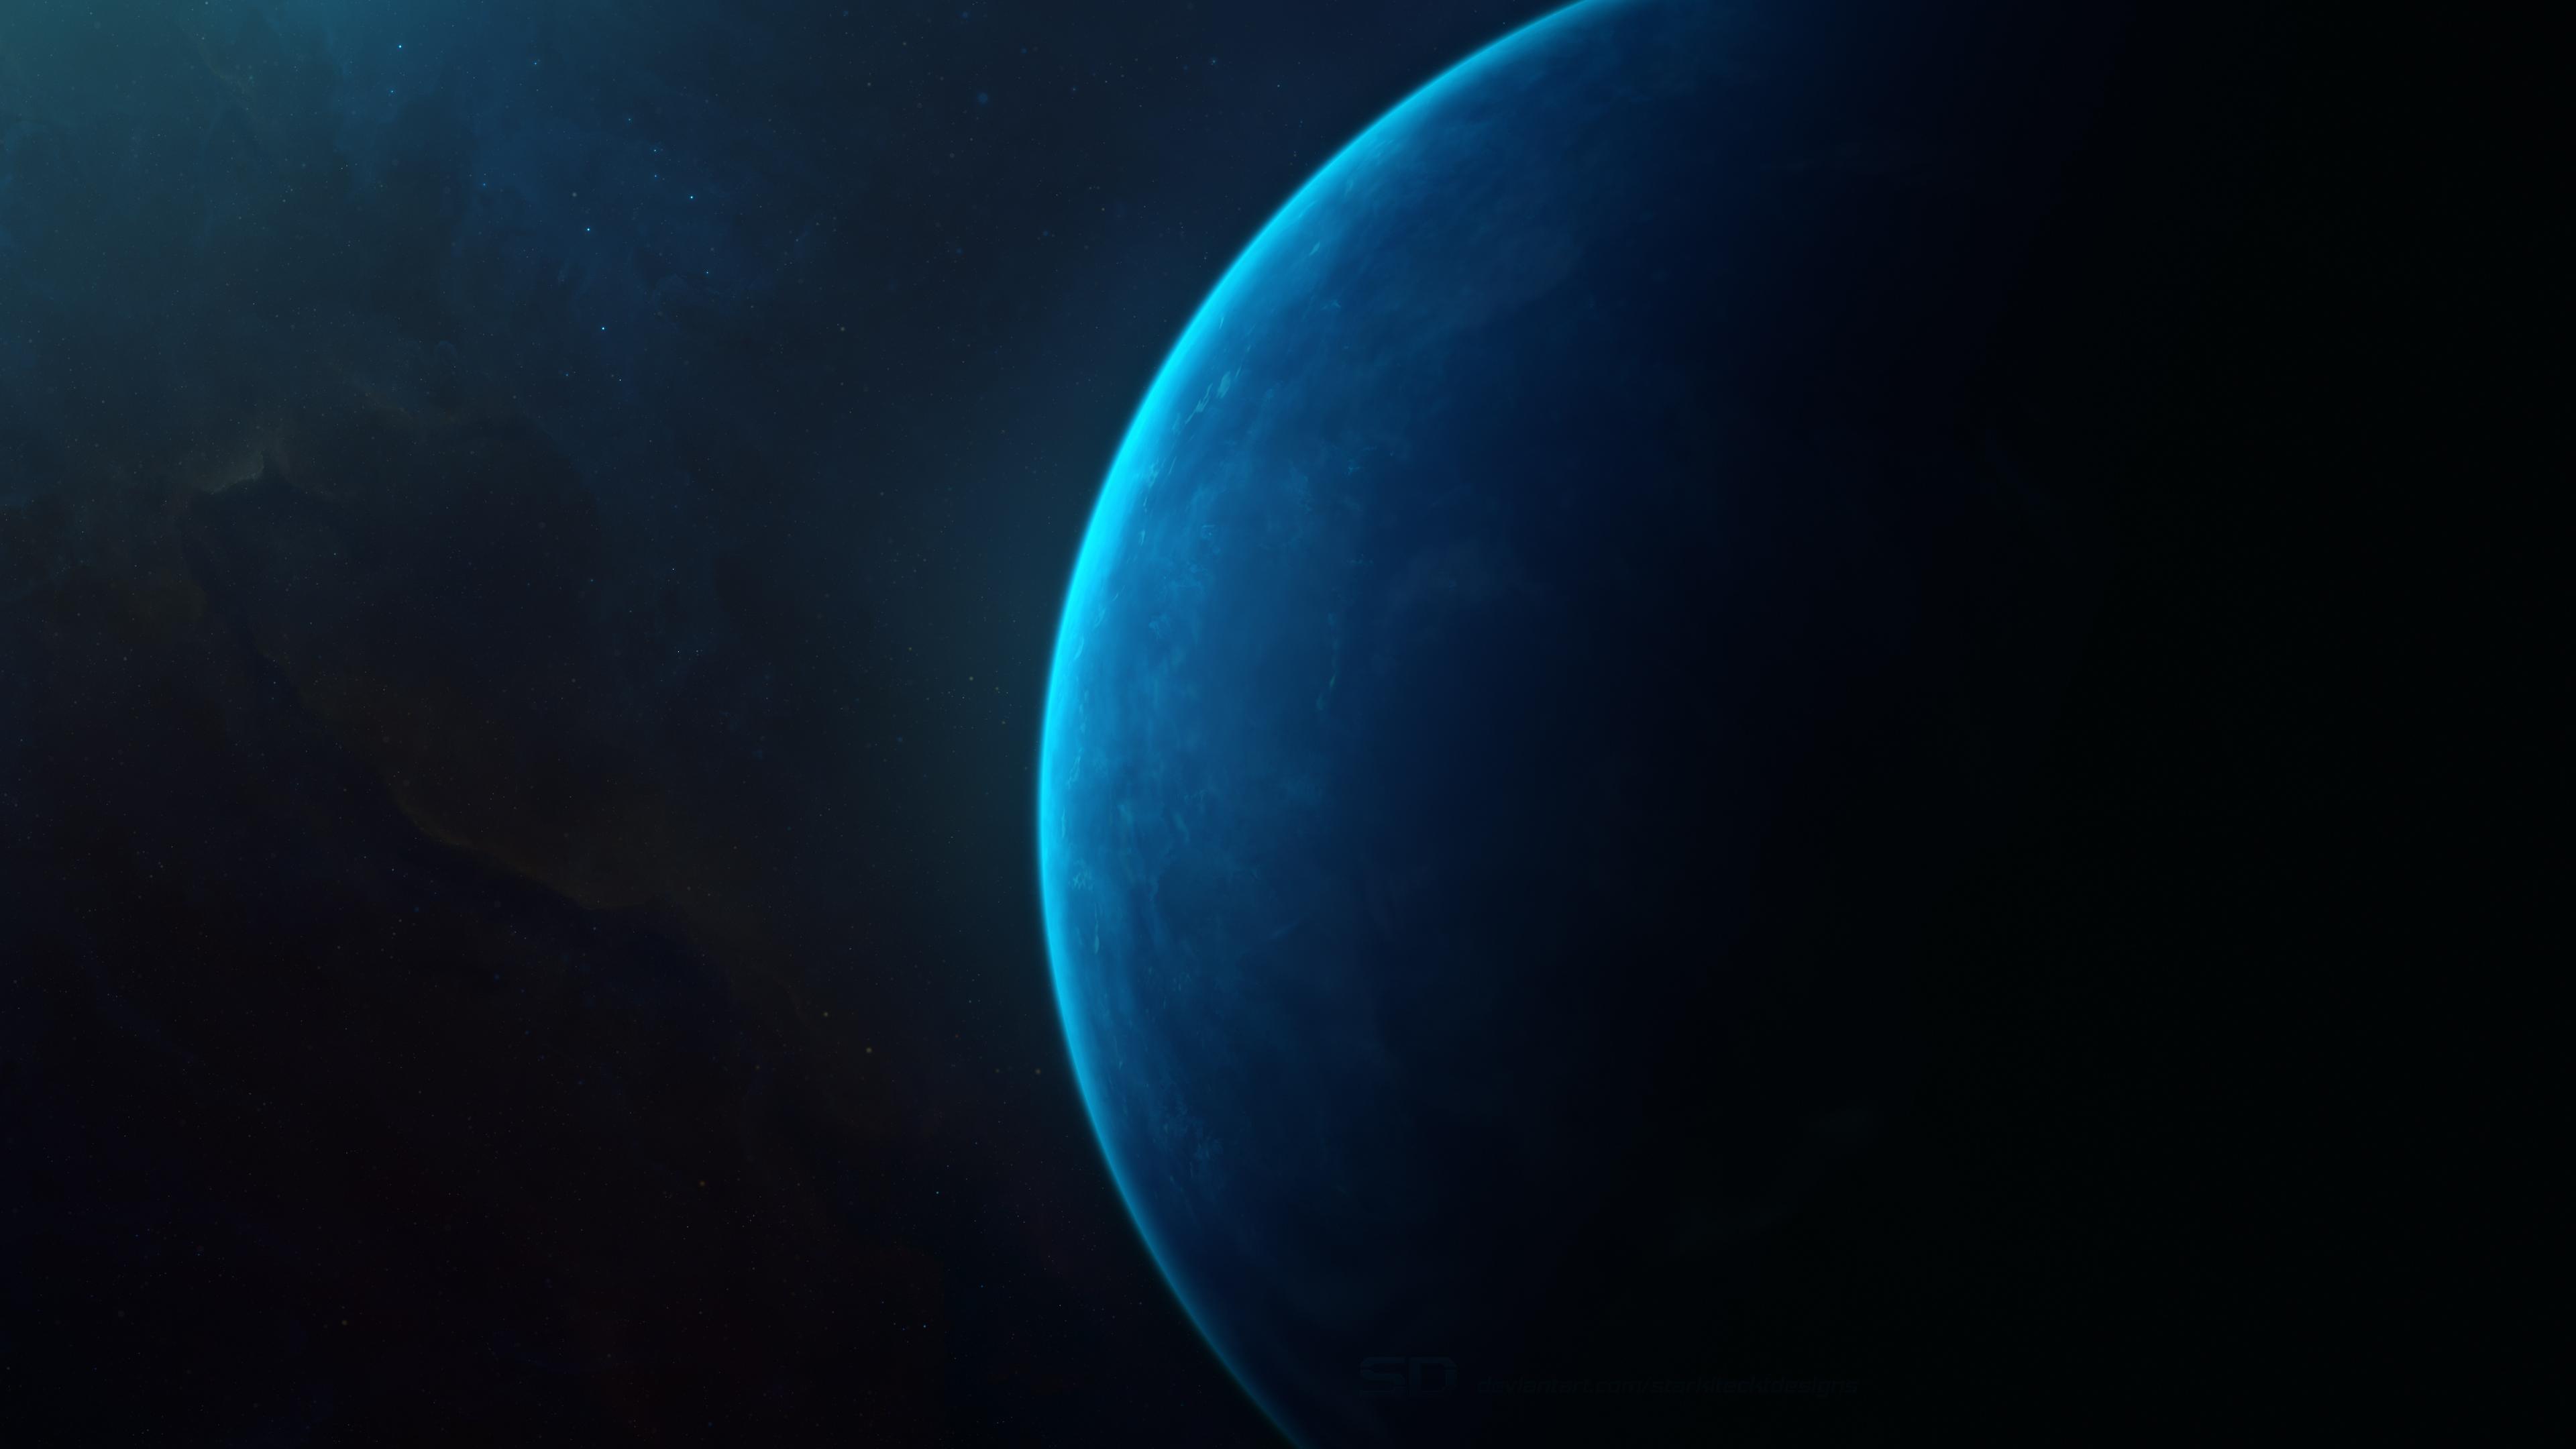 蓝色星球4k壁纸插图